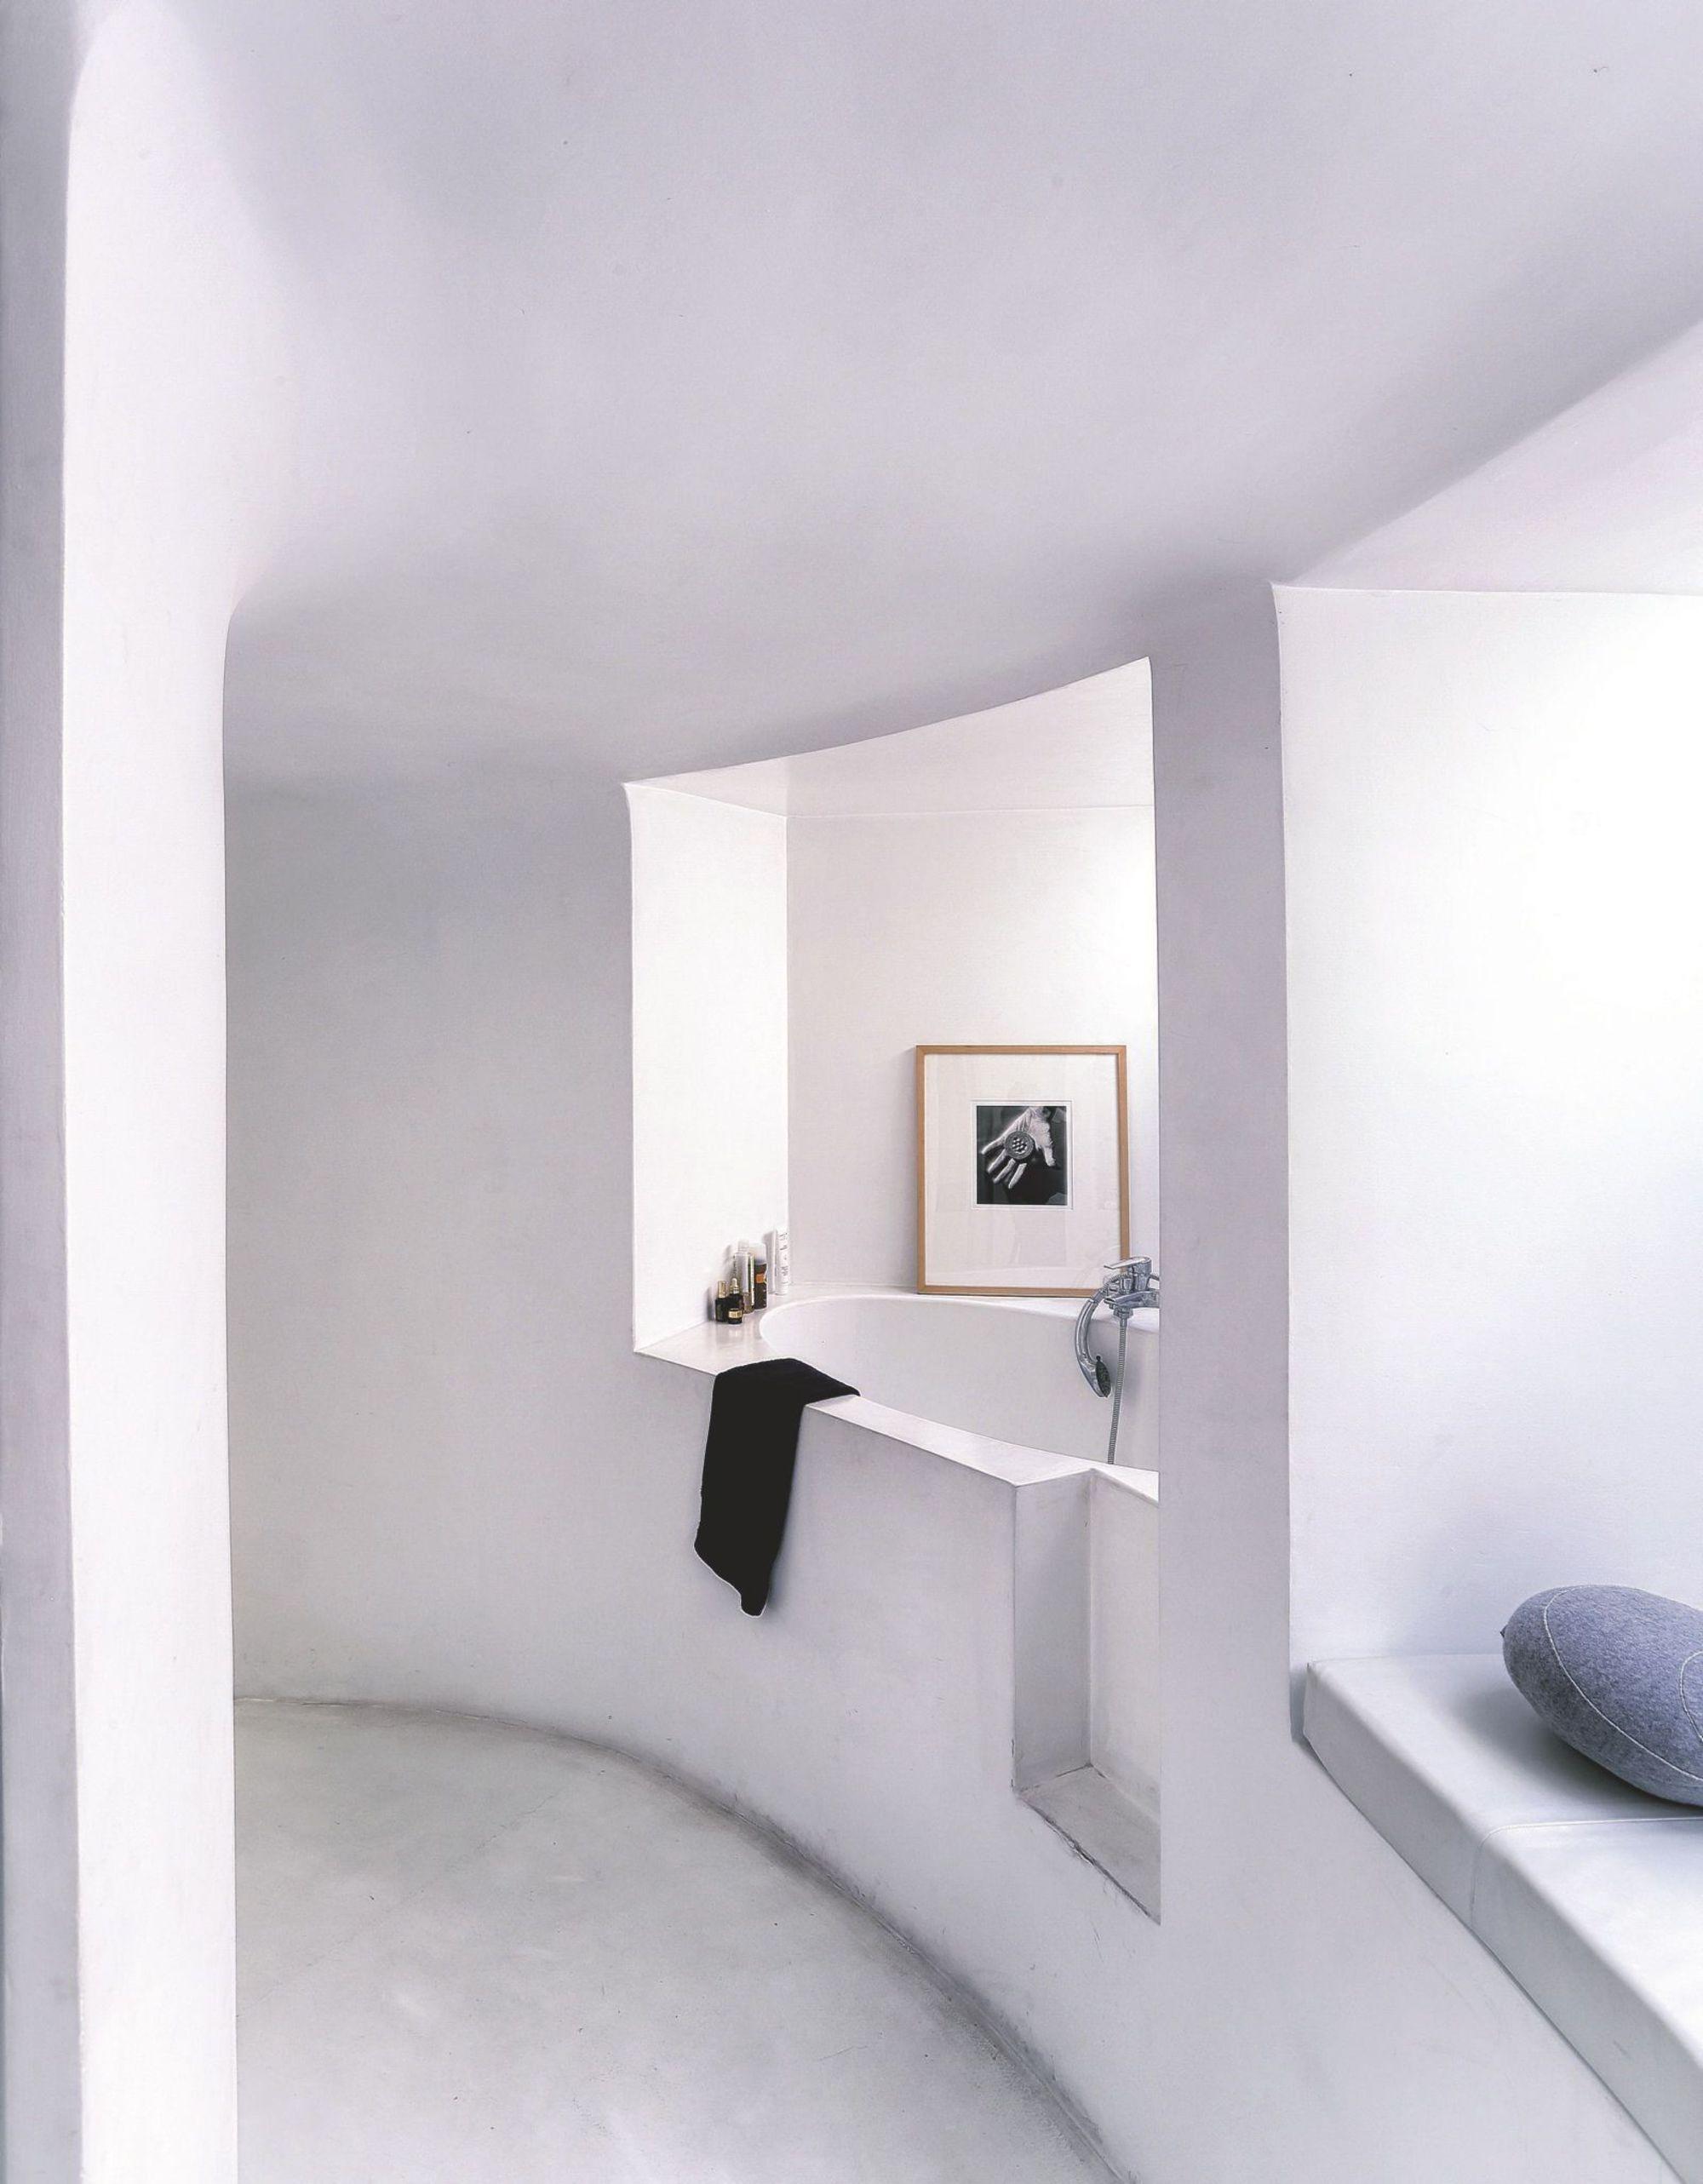 plus beaux lofts : François Roche, Le snake vue de la salle de bain